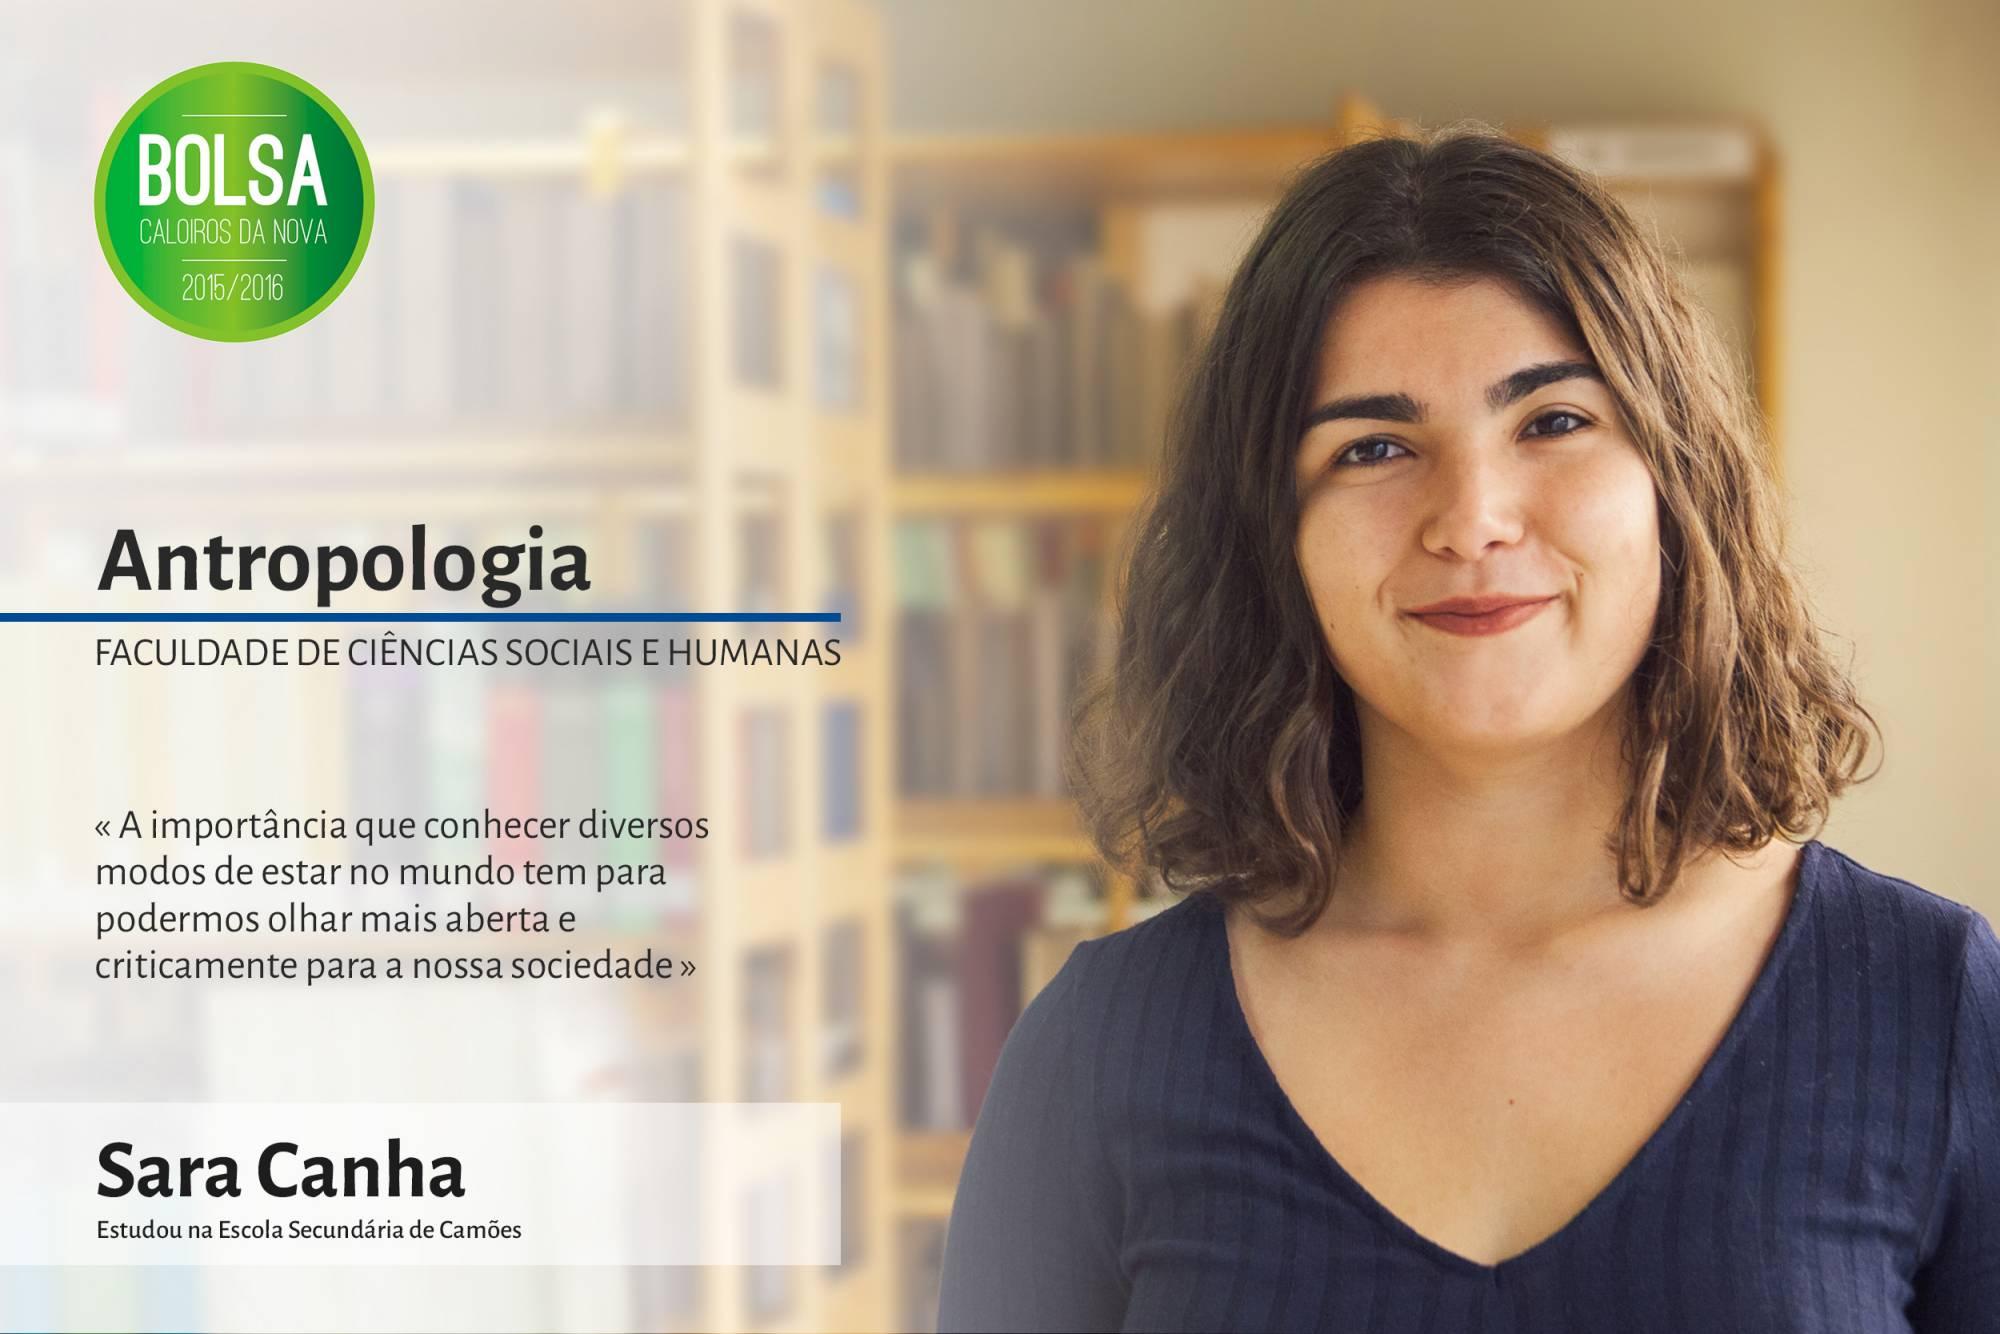 Sara Canha, Faculdade de Ciências Sociais e Humanas da NOVA